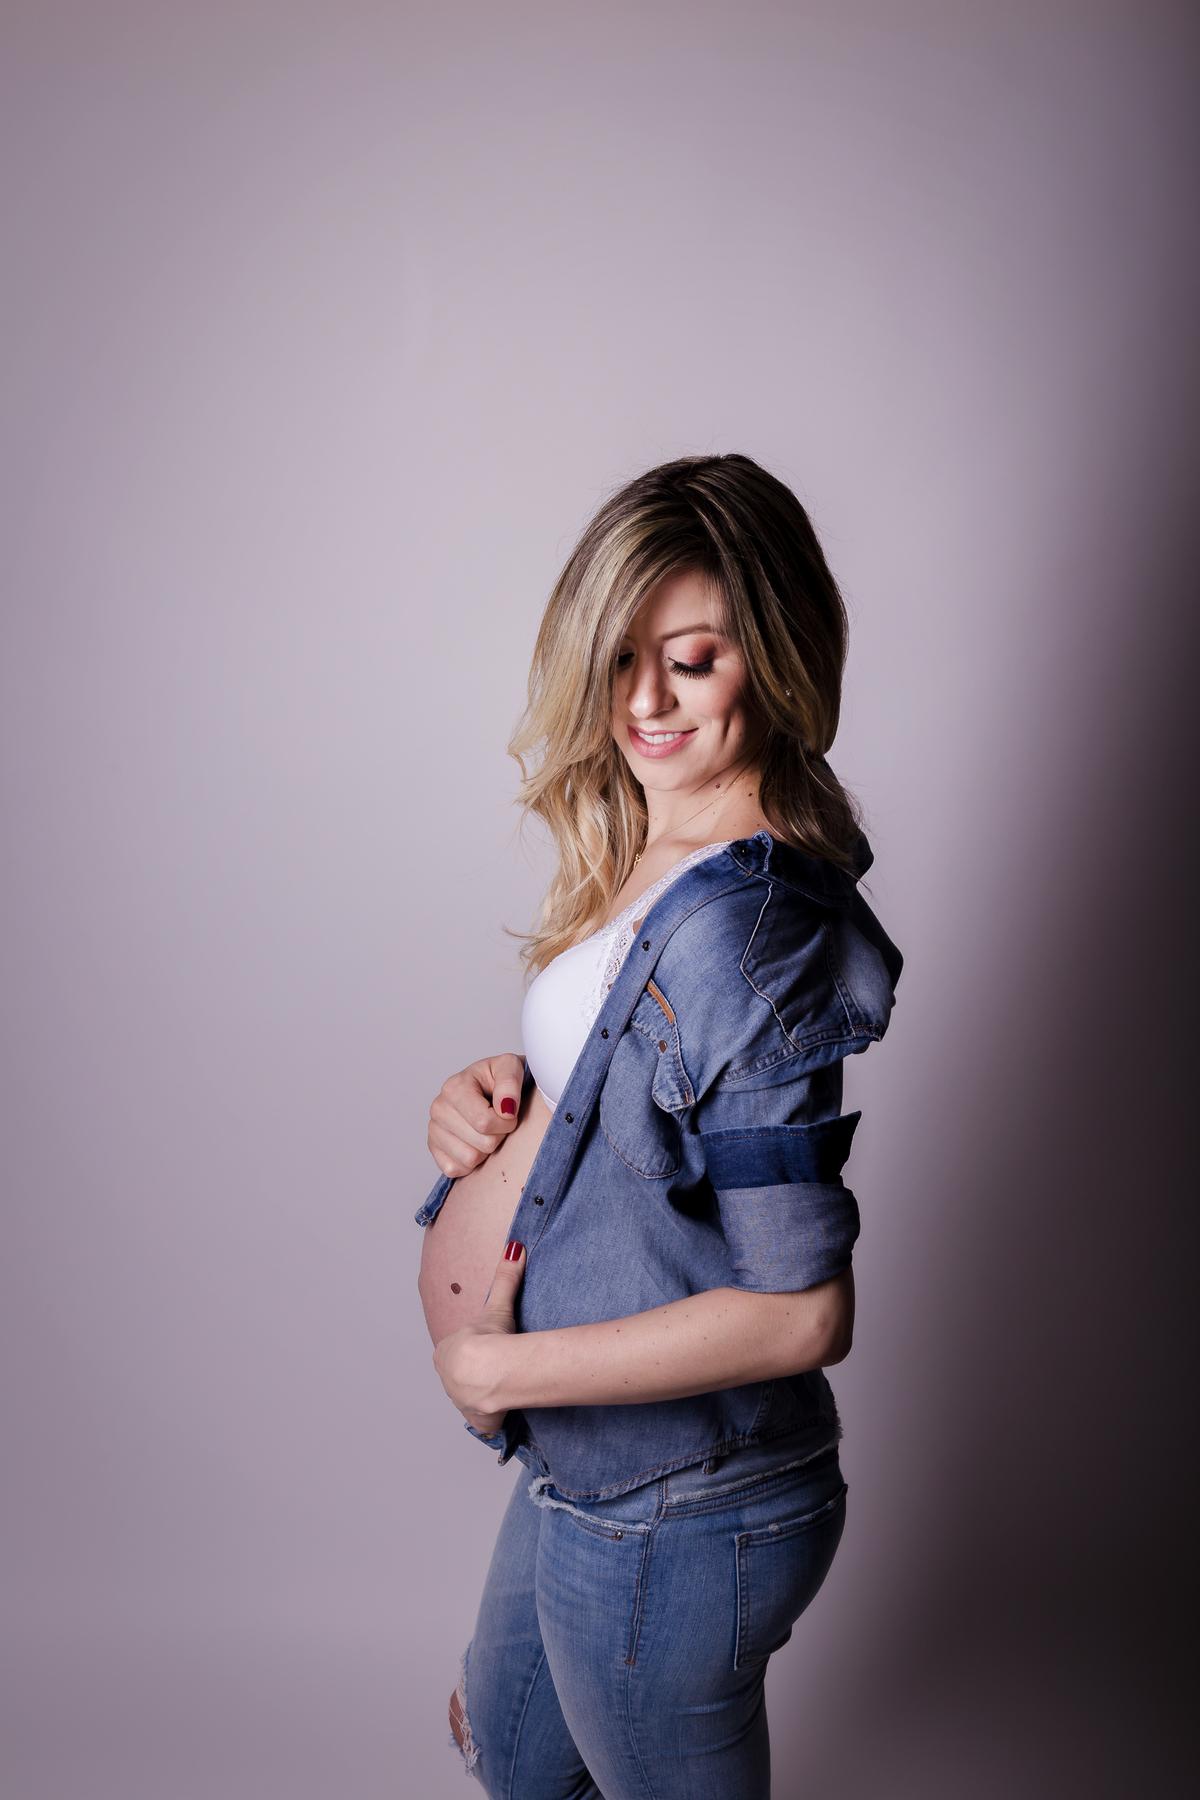 Ensaio gestante, fotografia gravidez as 32 semanas em Brasilia